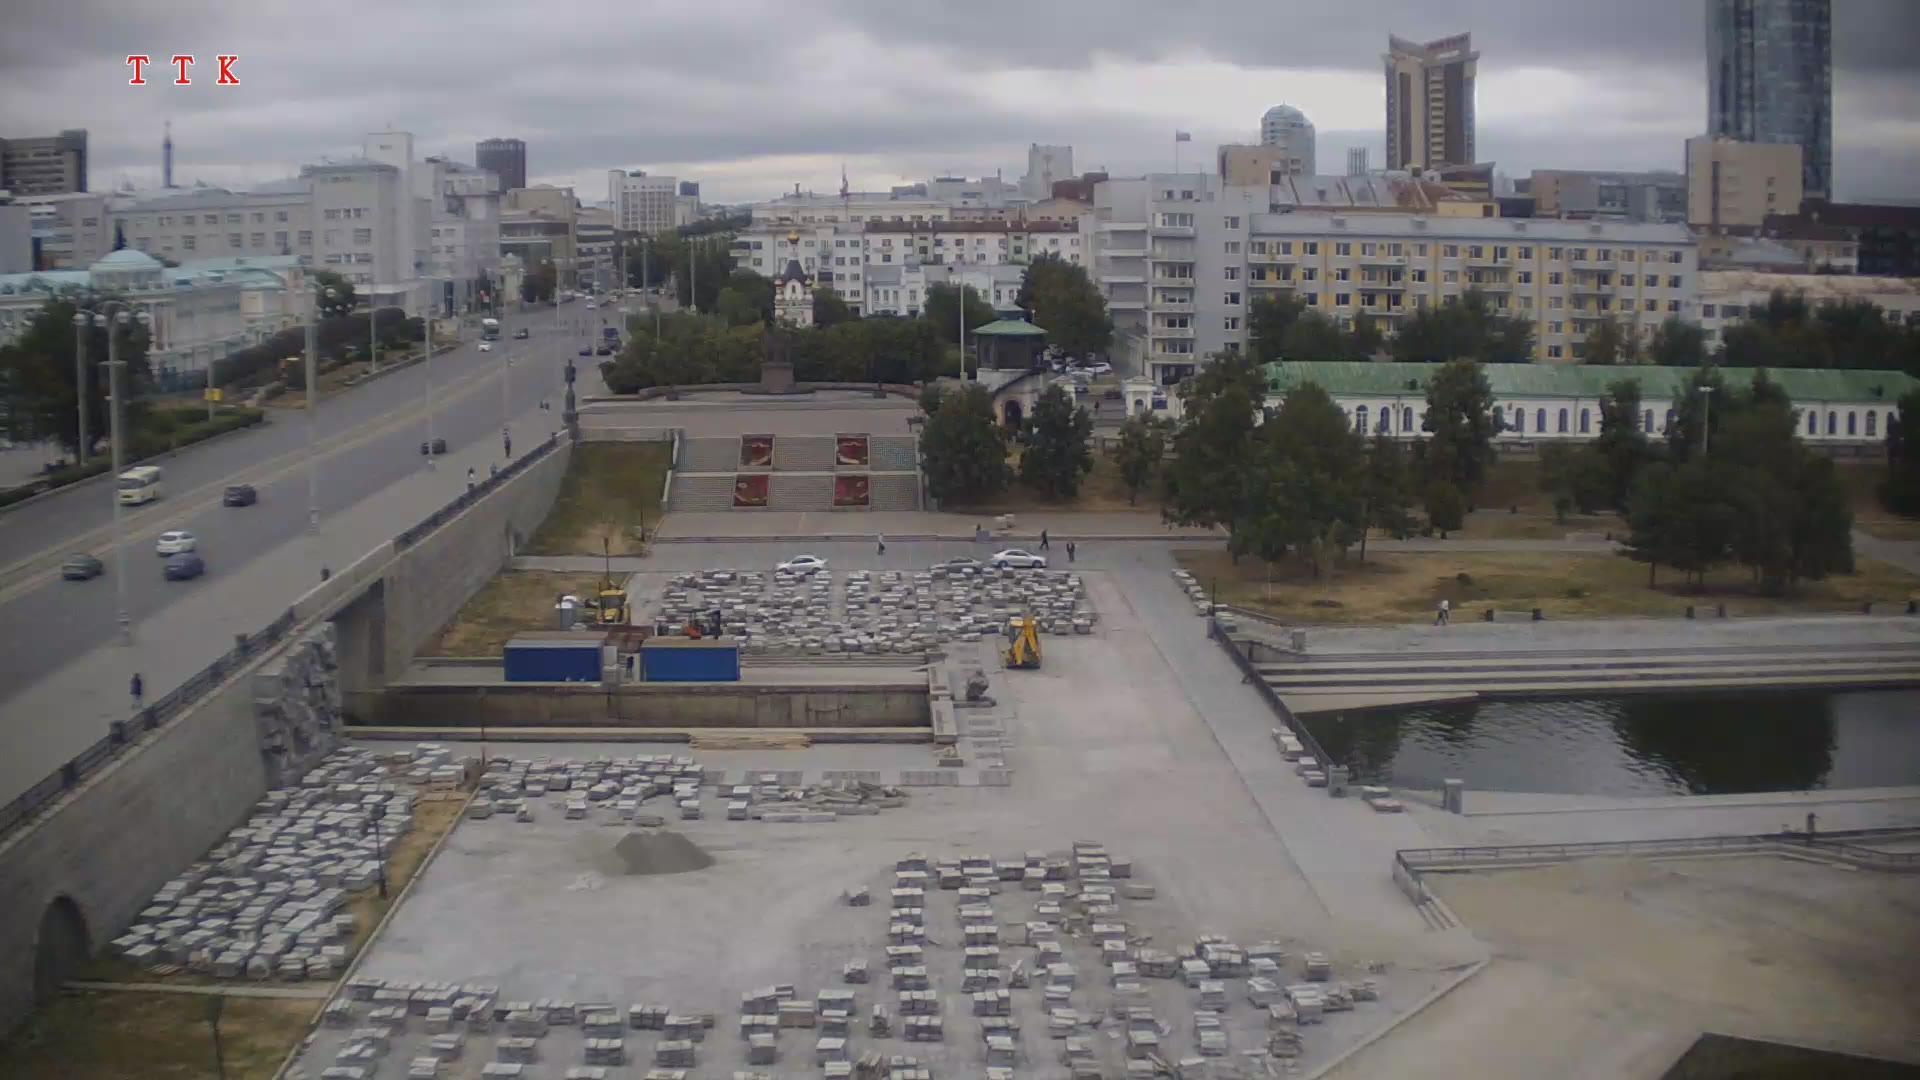 Webcam Listvennyy › East: Екатеринбург, Плотинка